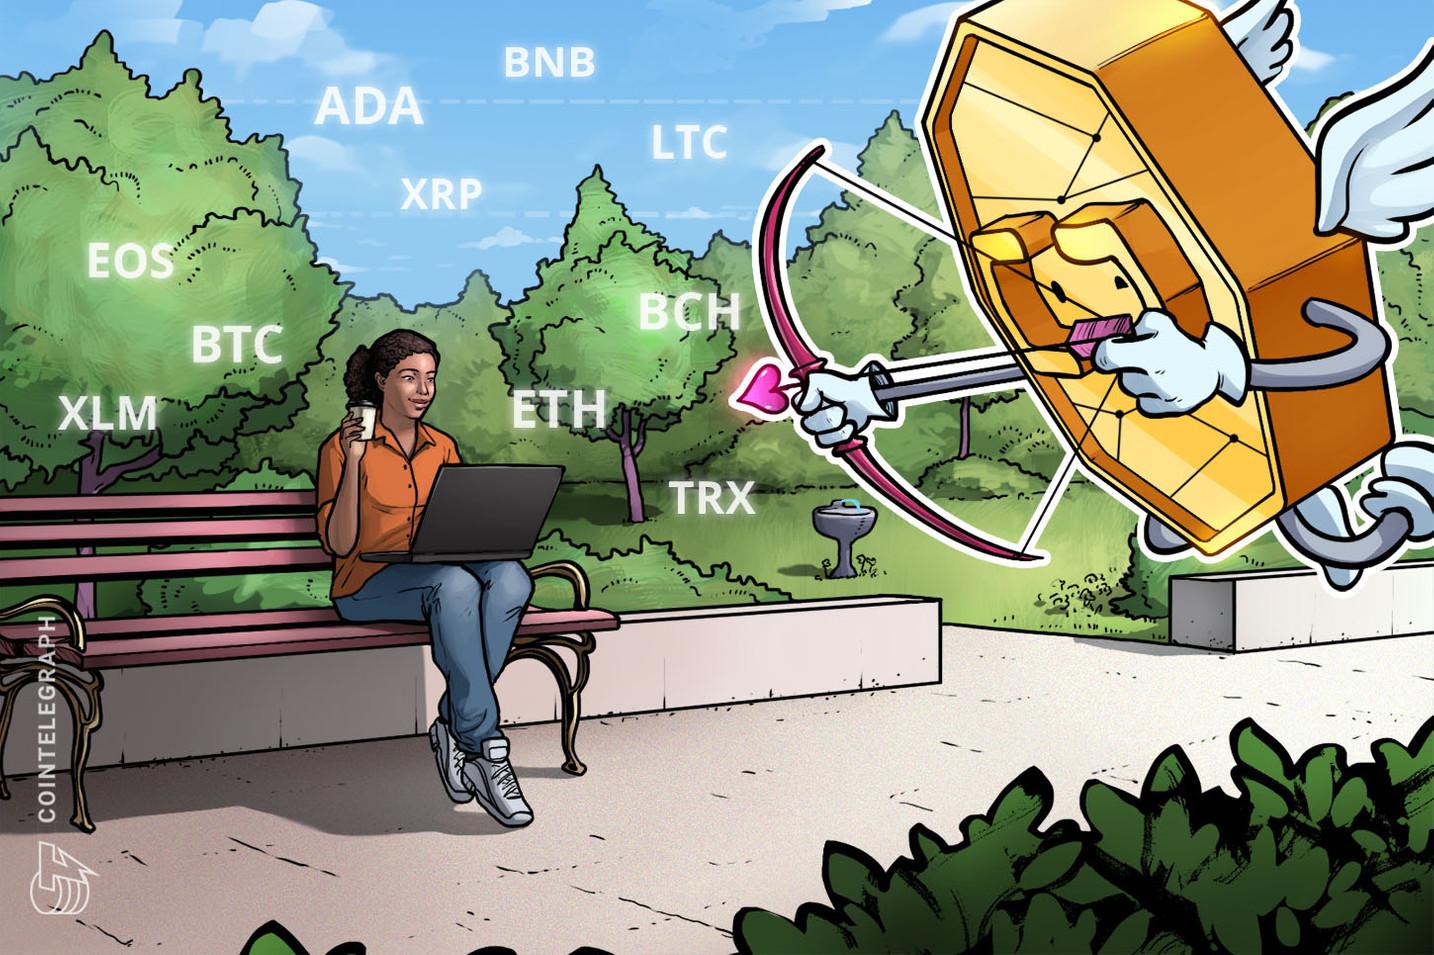 Kursanalyse, 13. Mai: Bitcoin, Ethereum, Ripple, Bitcoin Cash, Litecoin, EOS, Binance Coin, Stellar, Cardano, TRON